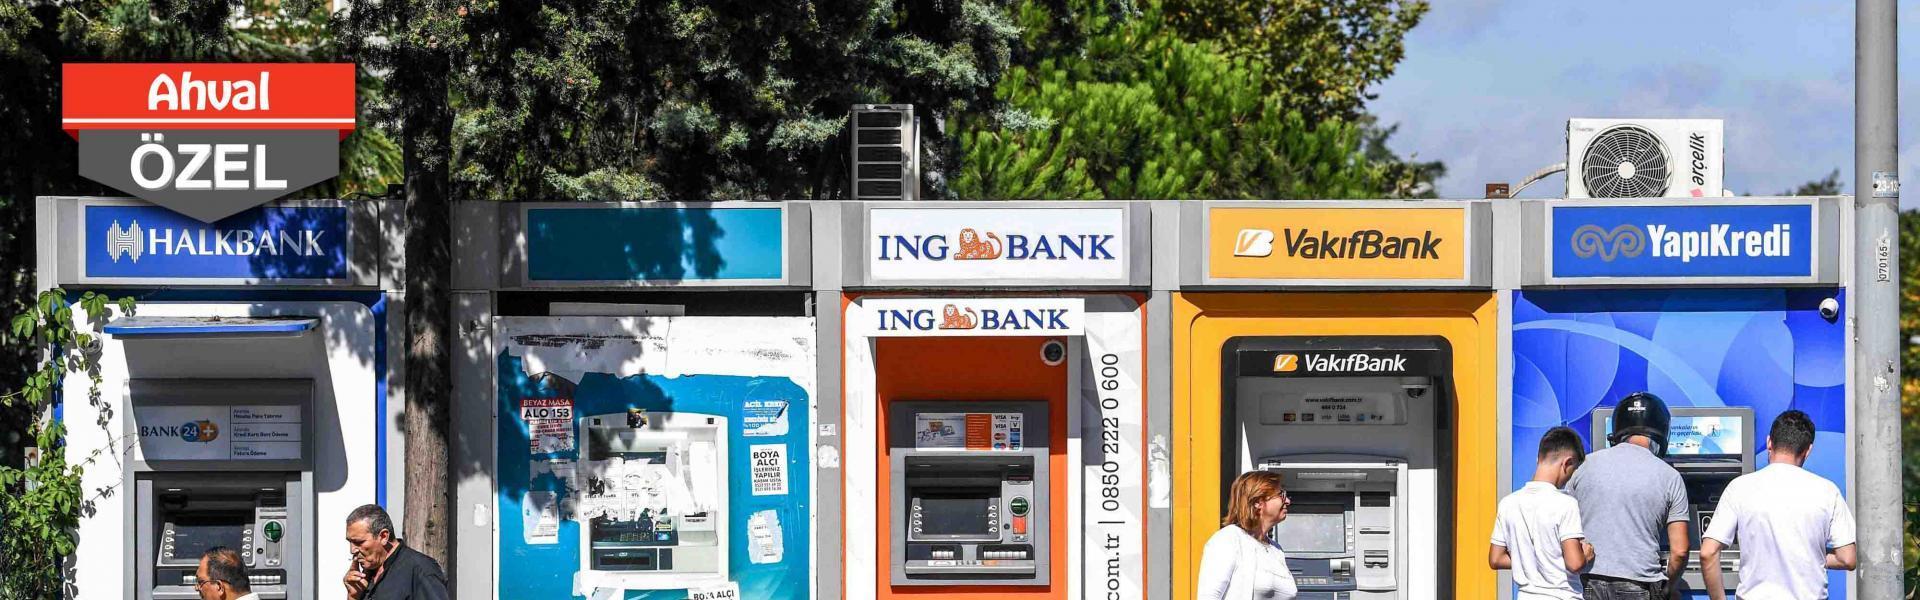 القطاع المصرفي فى تركيا